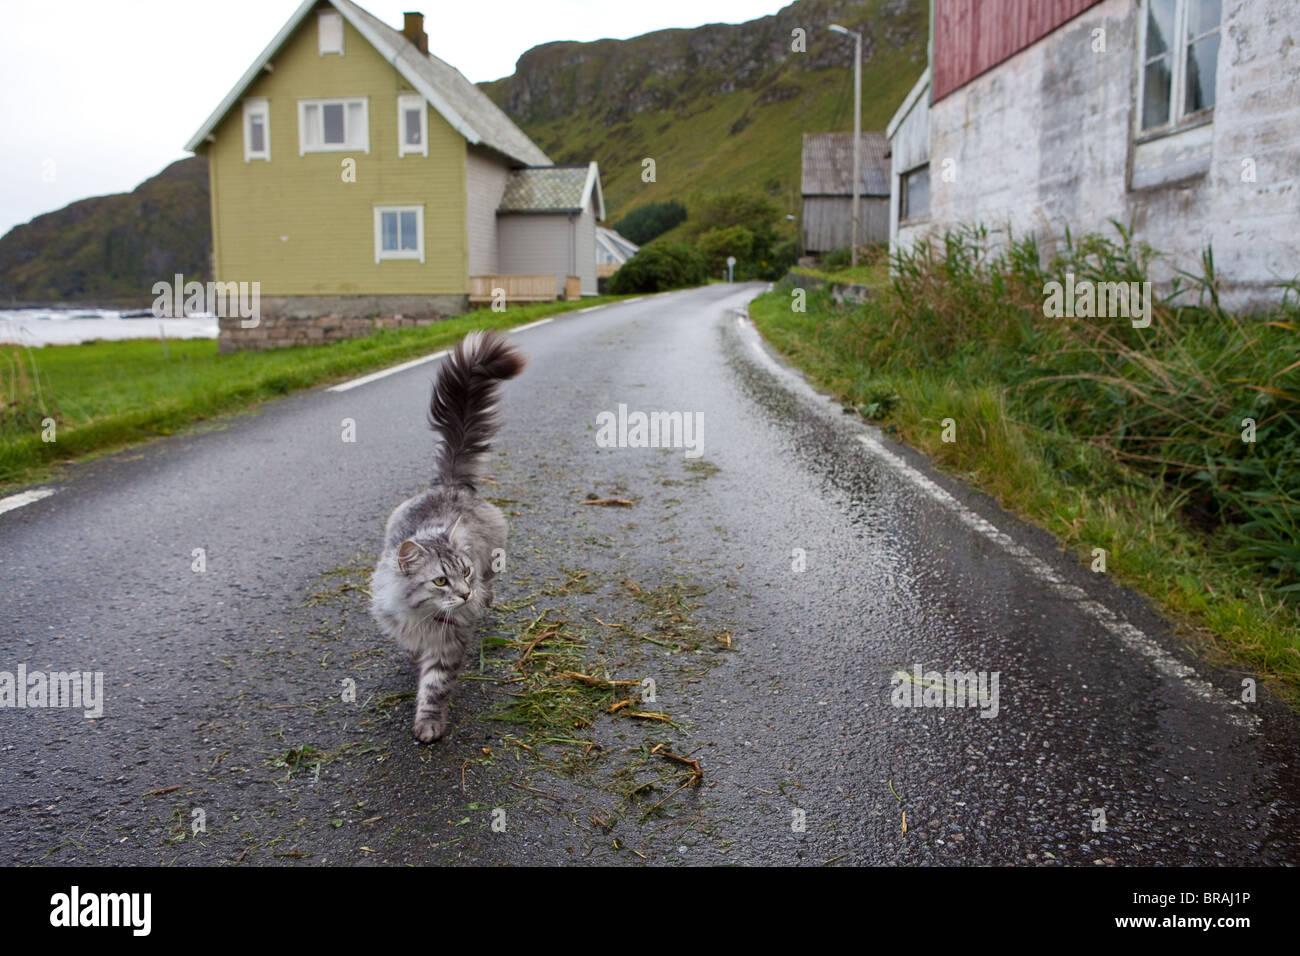 Hauskatze, Leben in der kleinen Gemeinde Goksøyr auf der Insel Runde an der West Küste von Norwegen. Stockbild